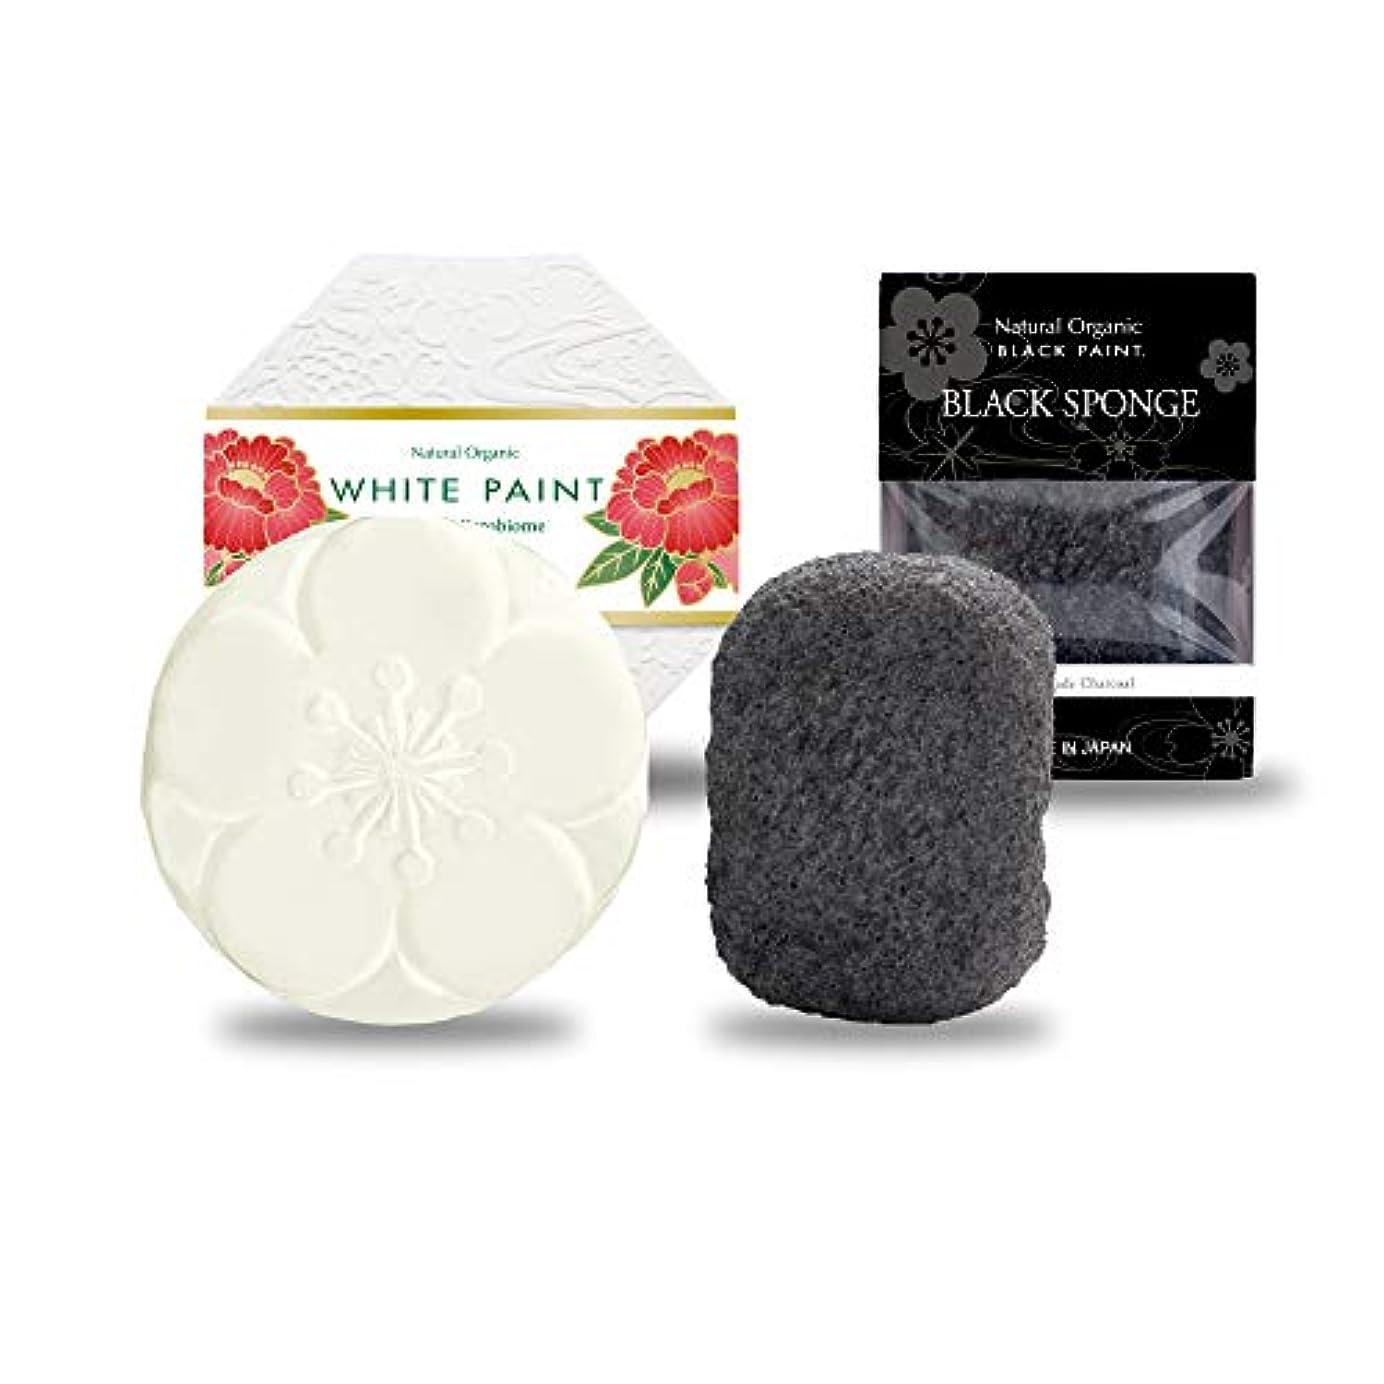 サービス立派な競うプレミアムホワイトペイント120g&ブラックスポンジ 洗顔セット